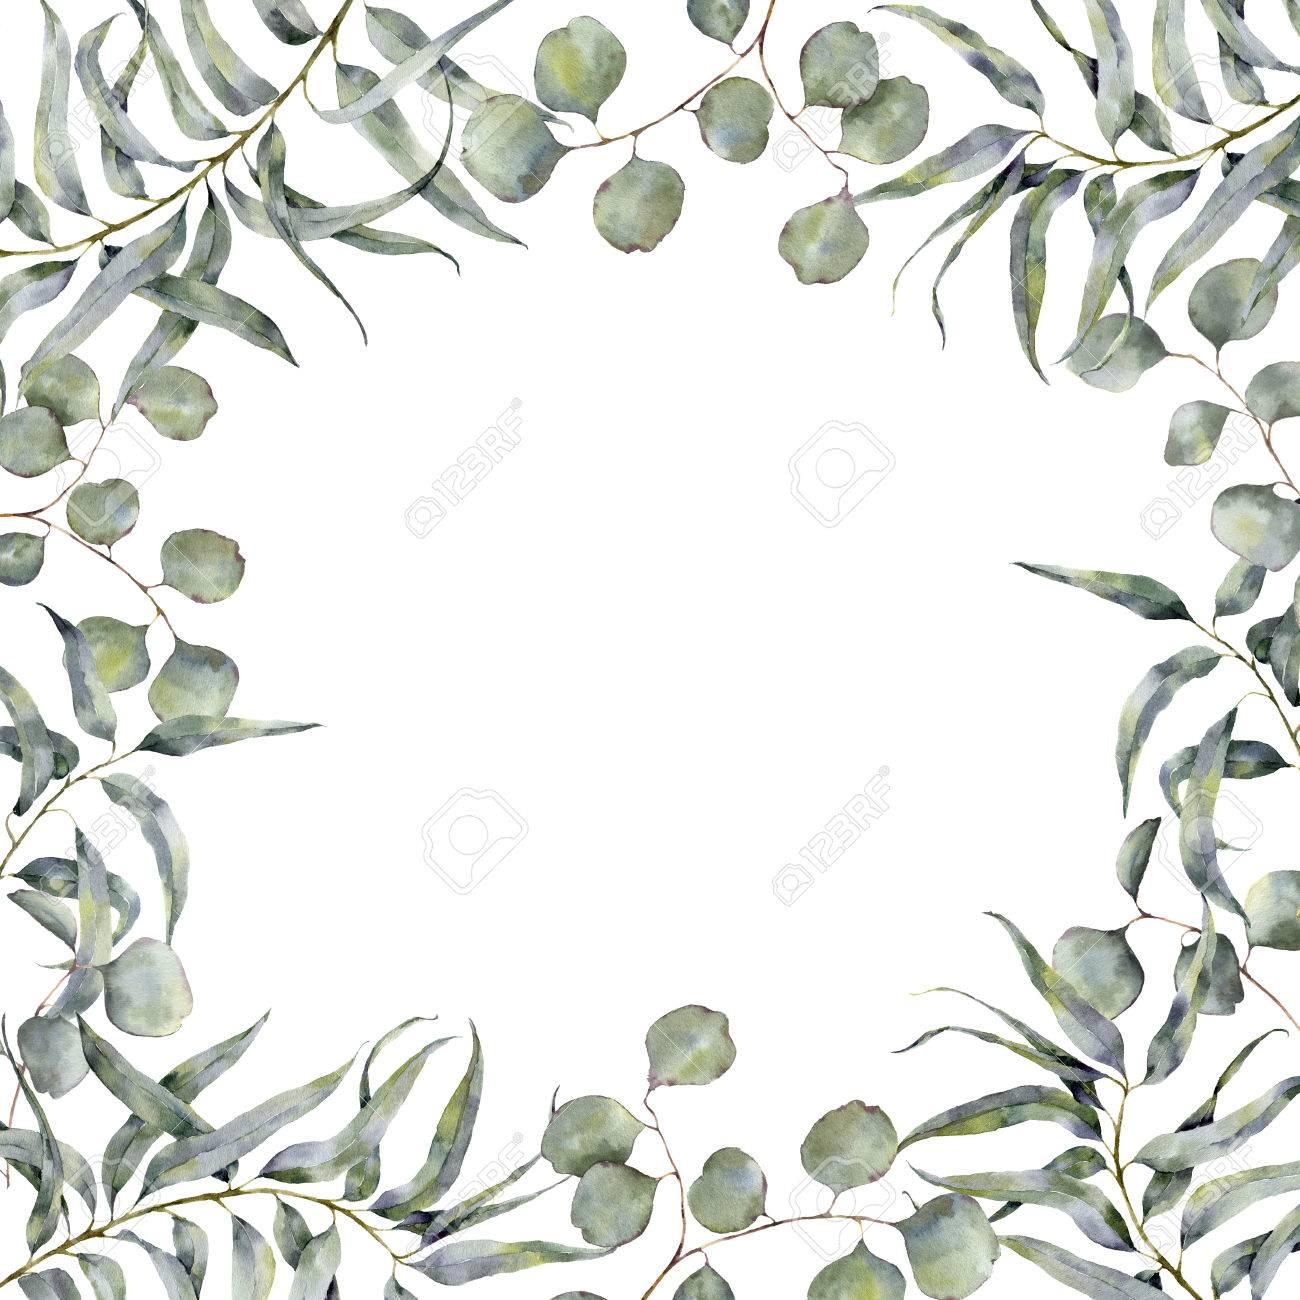 bordure aquarelle avec branche d'eucalyptus. cadre floral peint à la